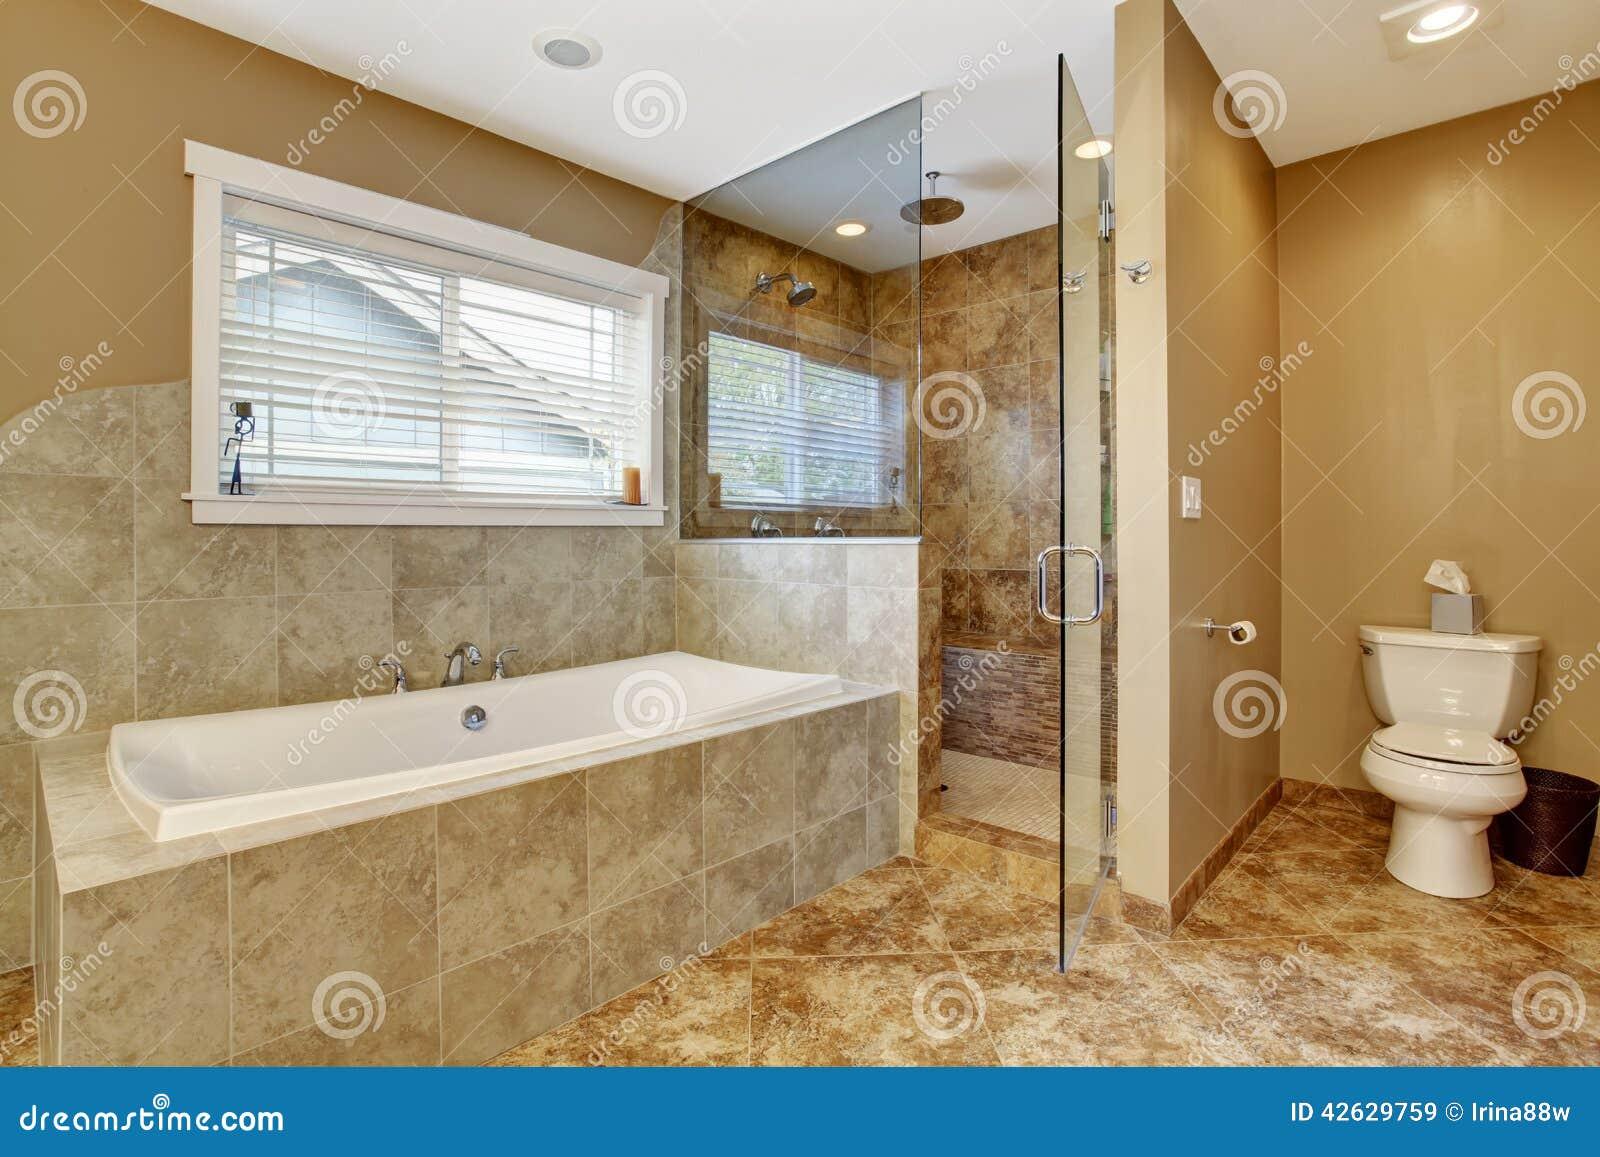 Int rieur moderne de salle de bains avec la douche en - Interieur salle de bain moderne ...